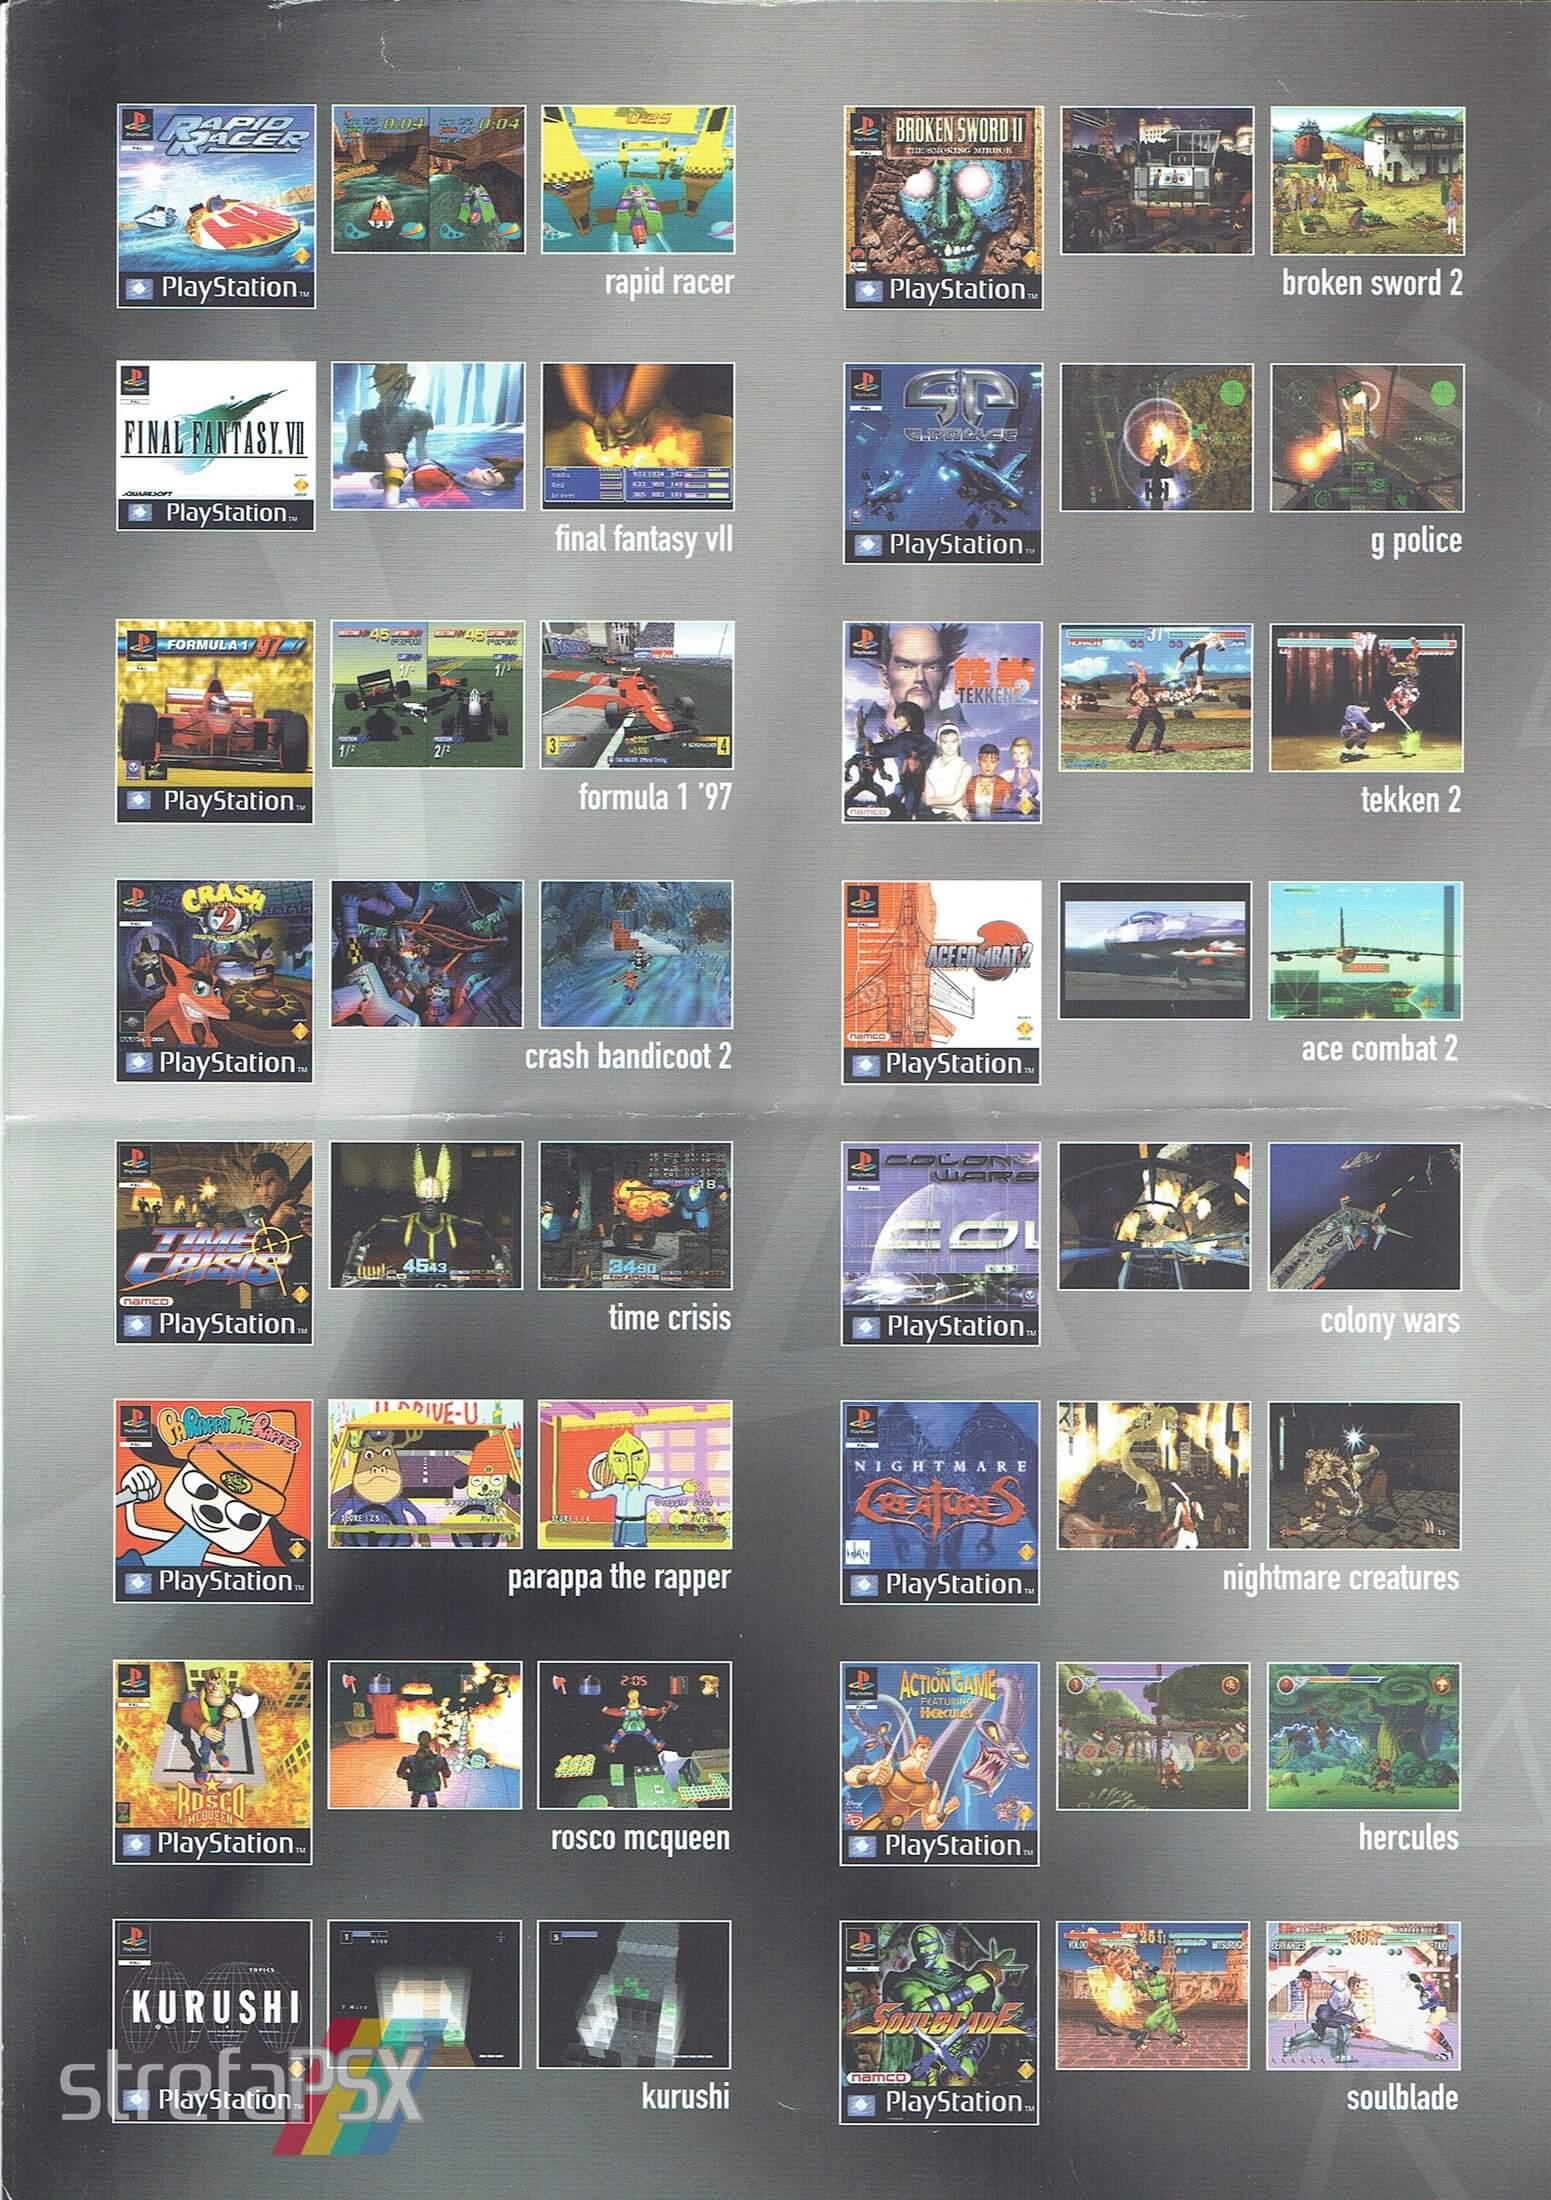 broszura reklamowa psx 19 - Broszury reklamowe PlayStation z dawnych lat